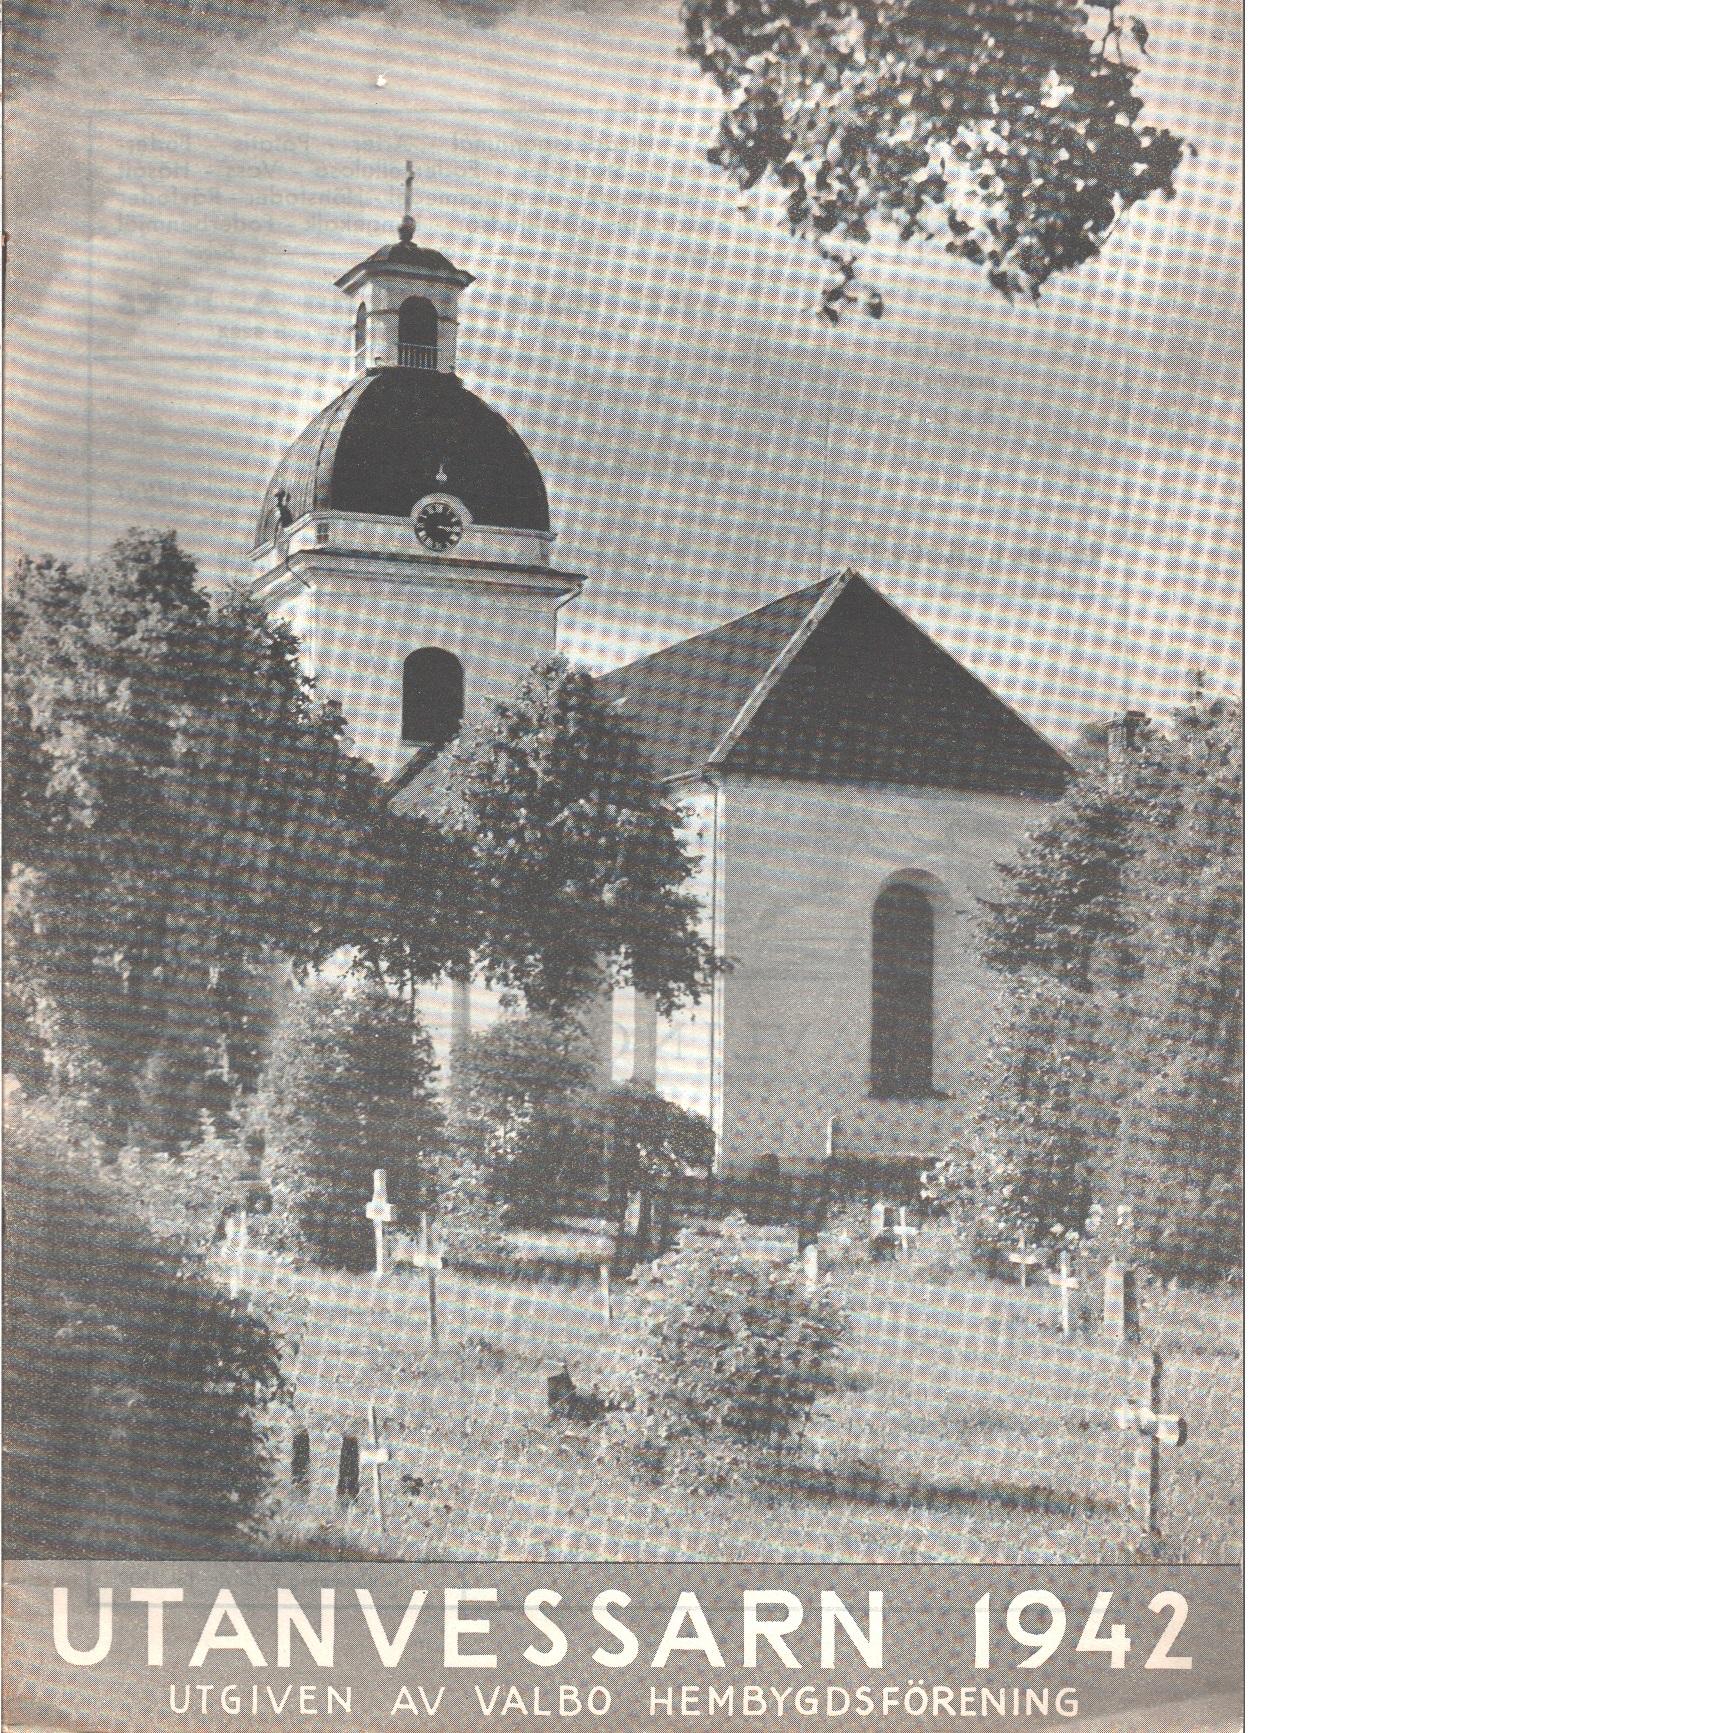 Utanvessarn  1934 - Red. Valbo hembygdsförening